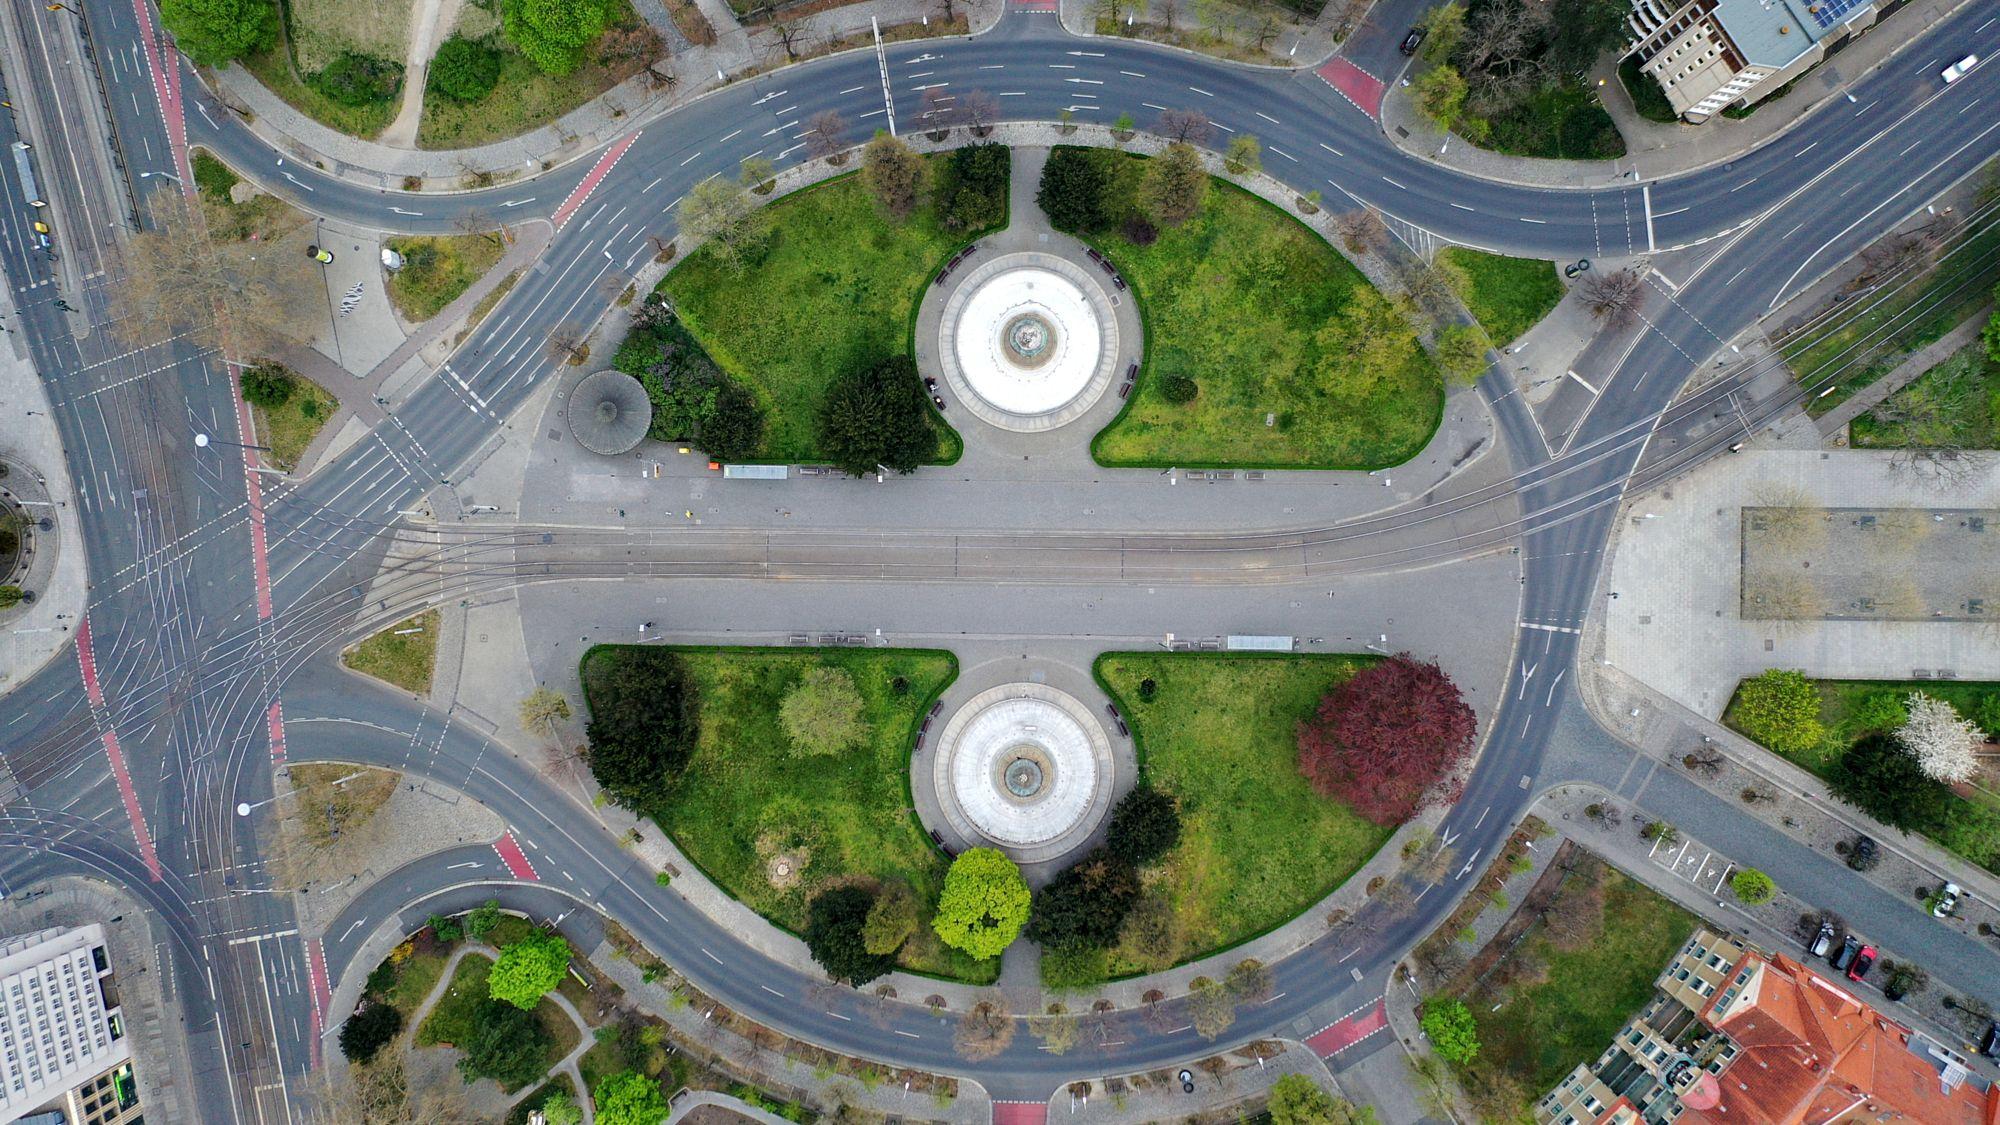 Die westliche Seite des Albertplatzes (im Bild unten) bleibt bis zur Königstraße gleich, im Osten wird eine Fahrspur zum Radstreifen. Foto: Rotationer CR aus Dresden